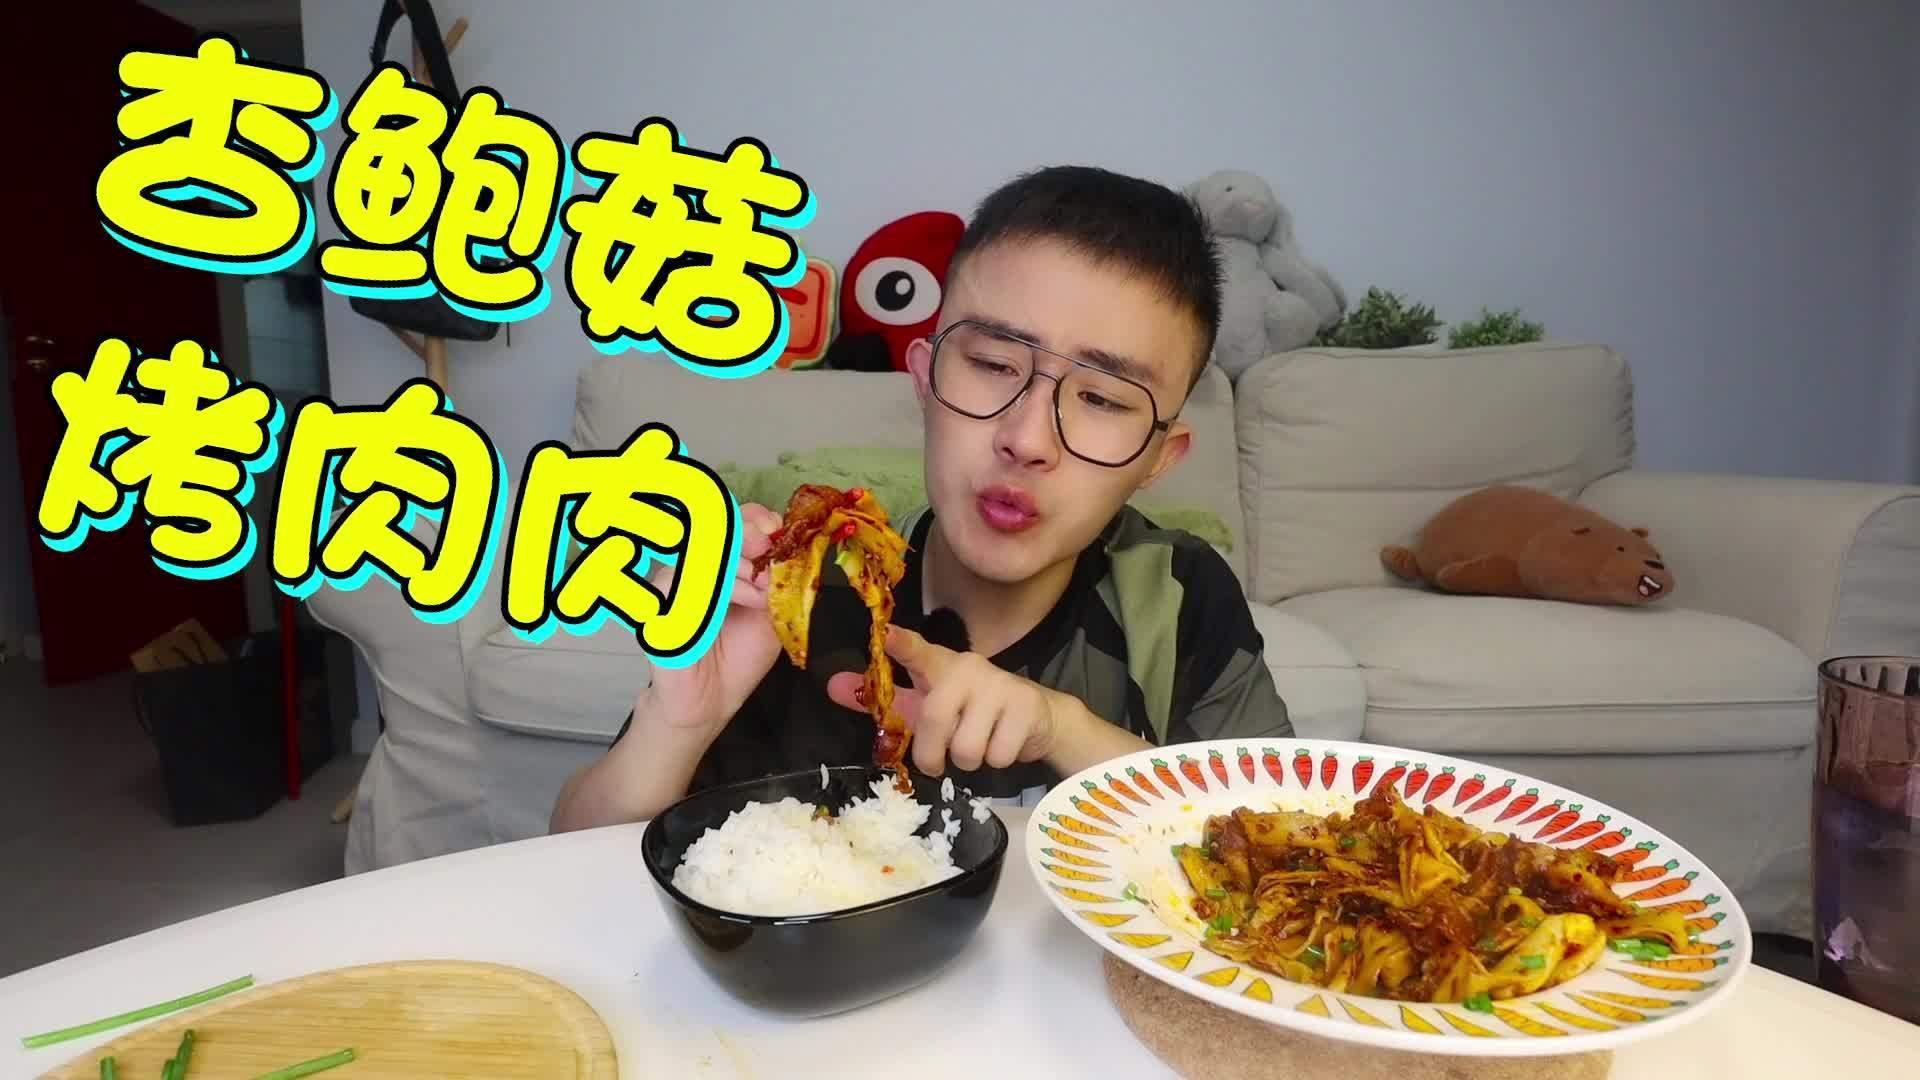 泡椒味道浓郁到不行的鸭掌 做成泡椒鸭掌锅